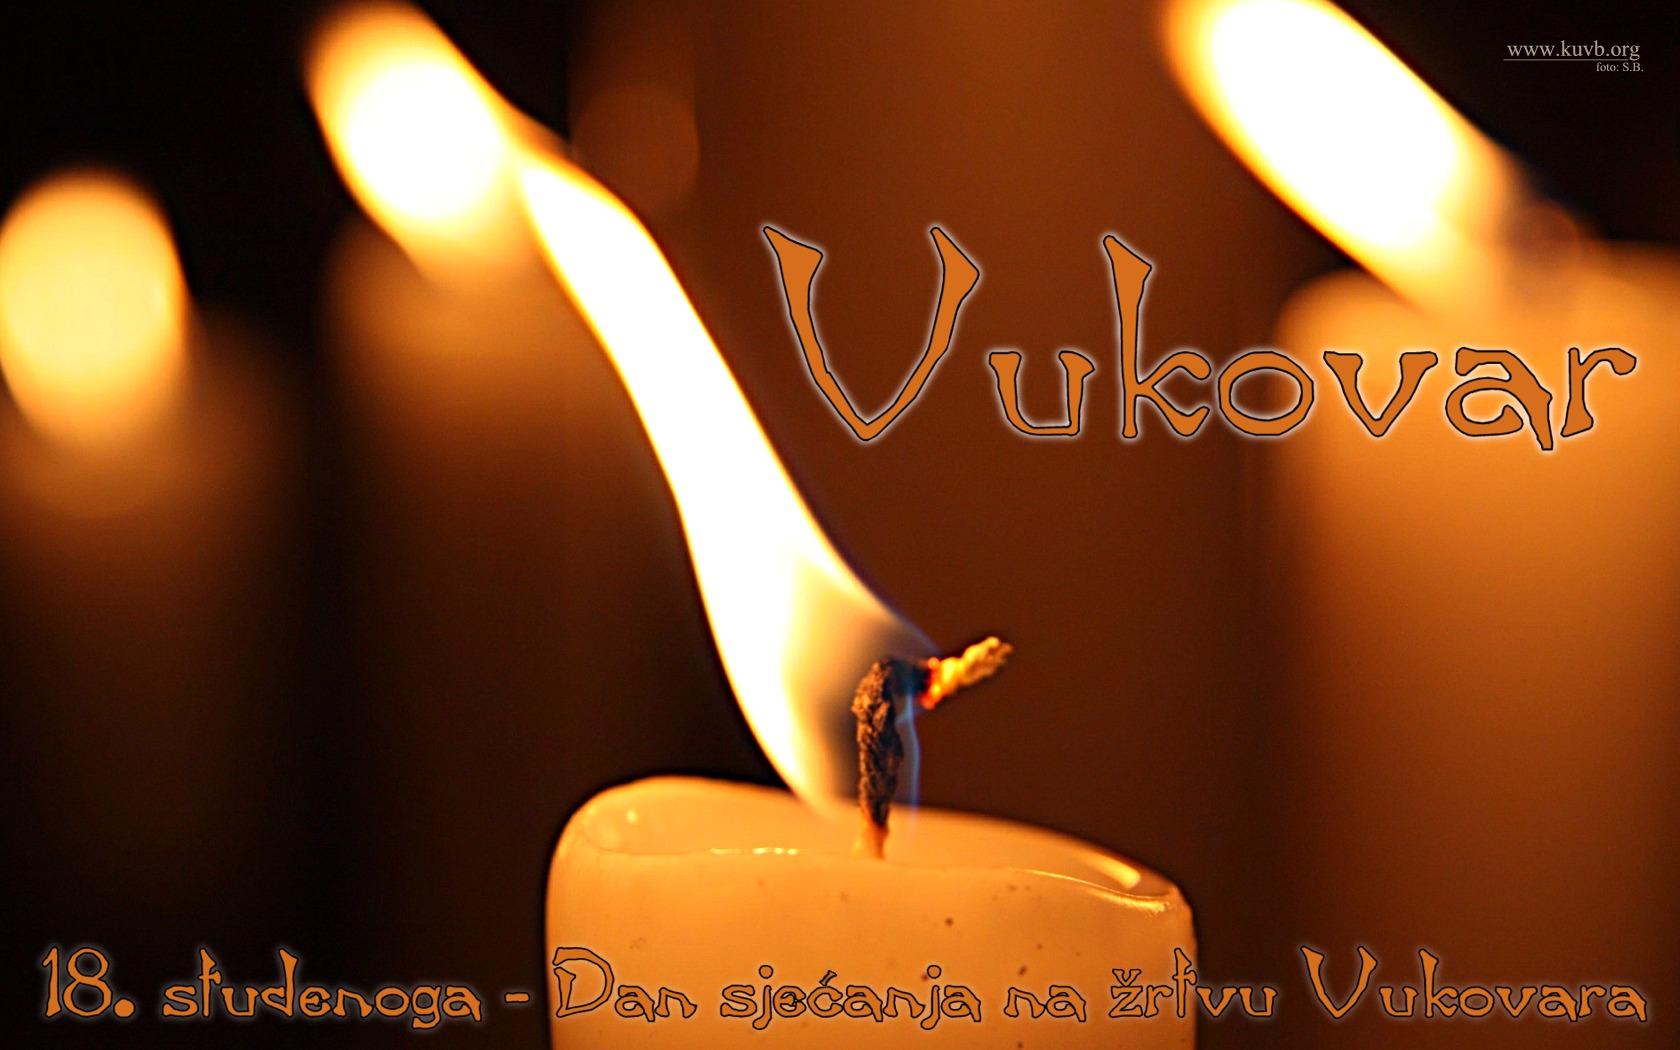 http://www.novigrad.hr/in_ricorrenza_della_giornata_del_ricordo_di_vukovar_e_organizzata_la_v